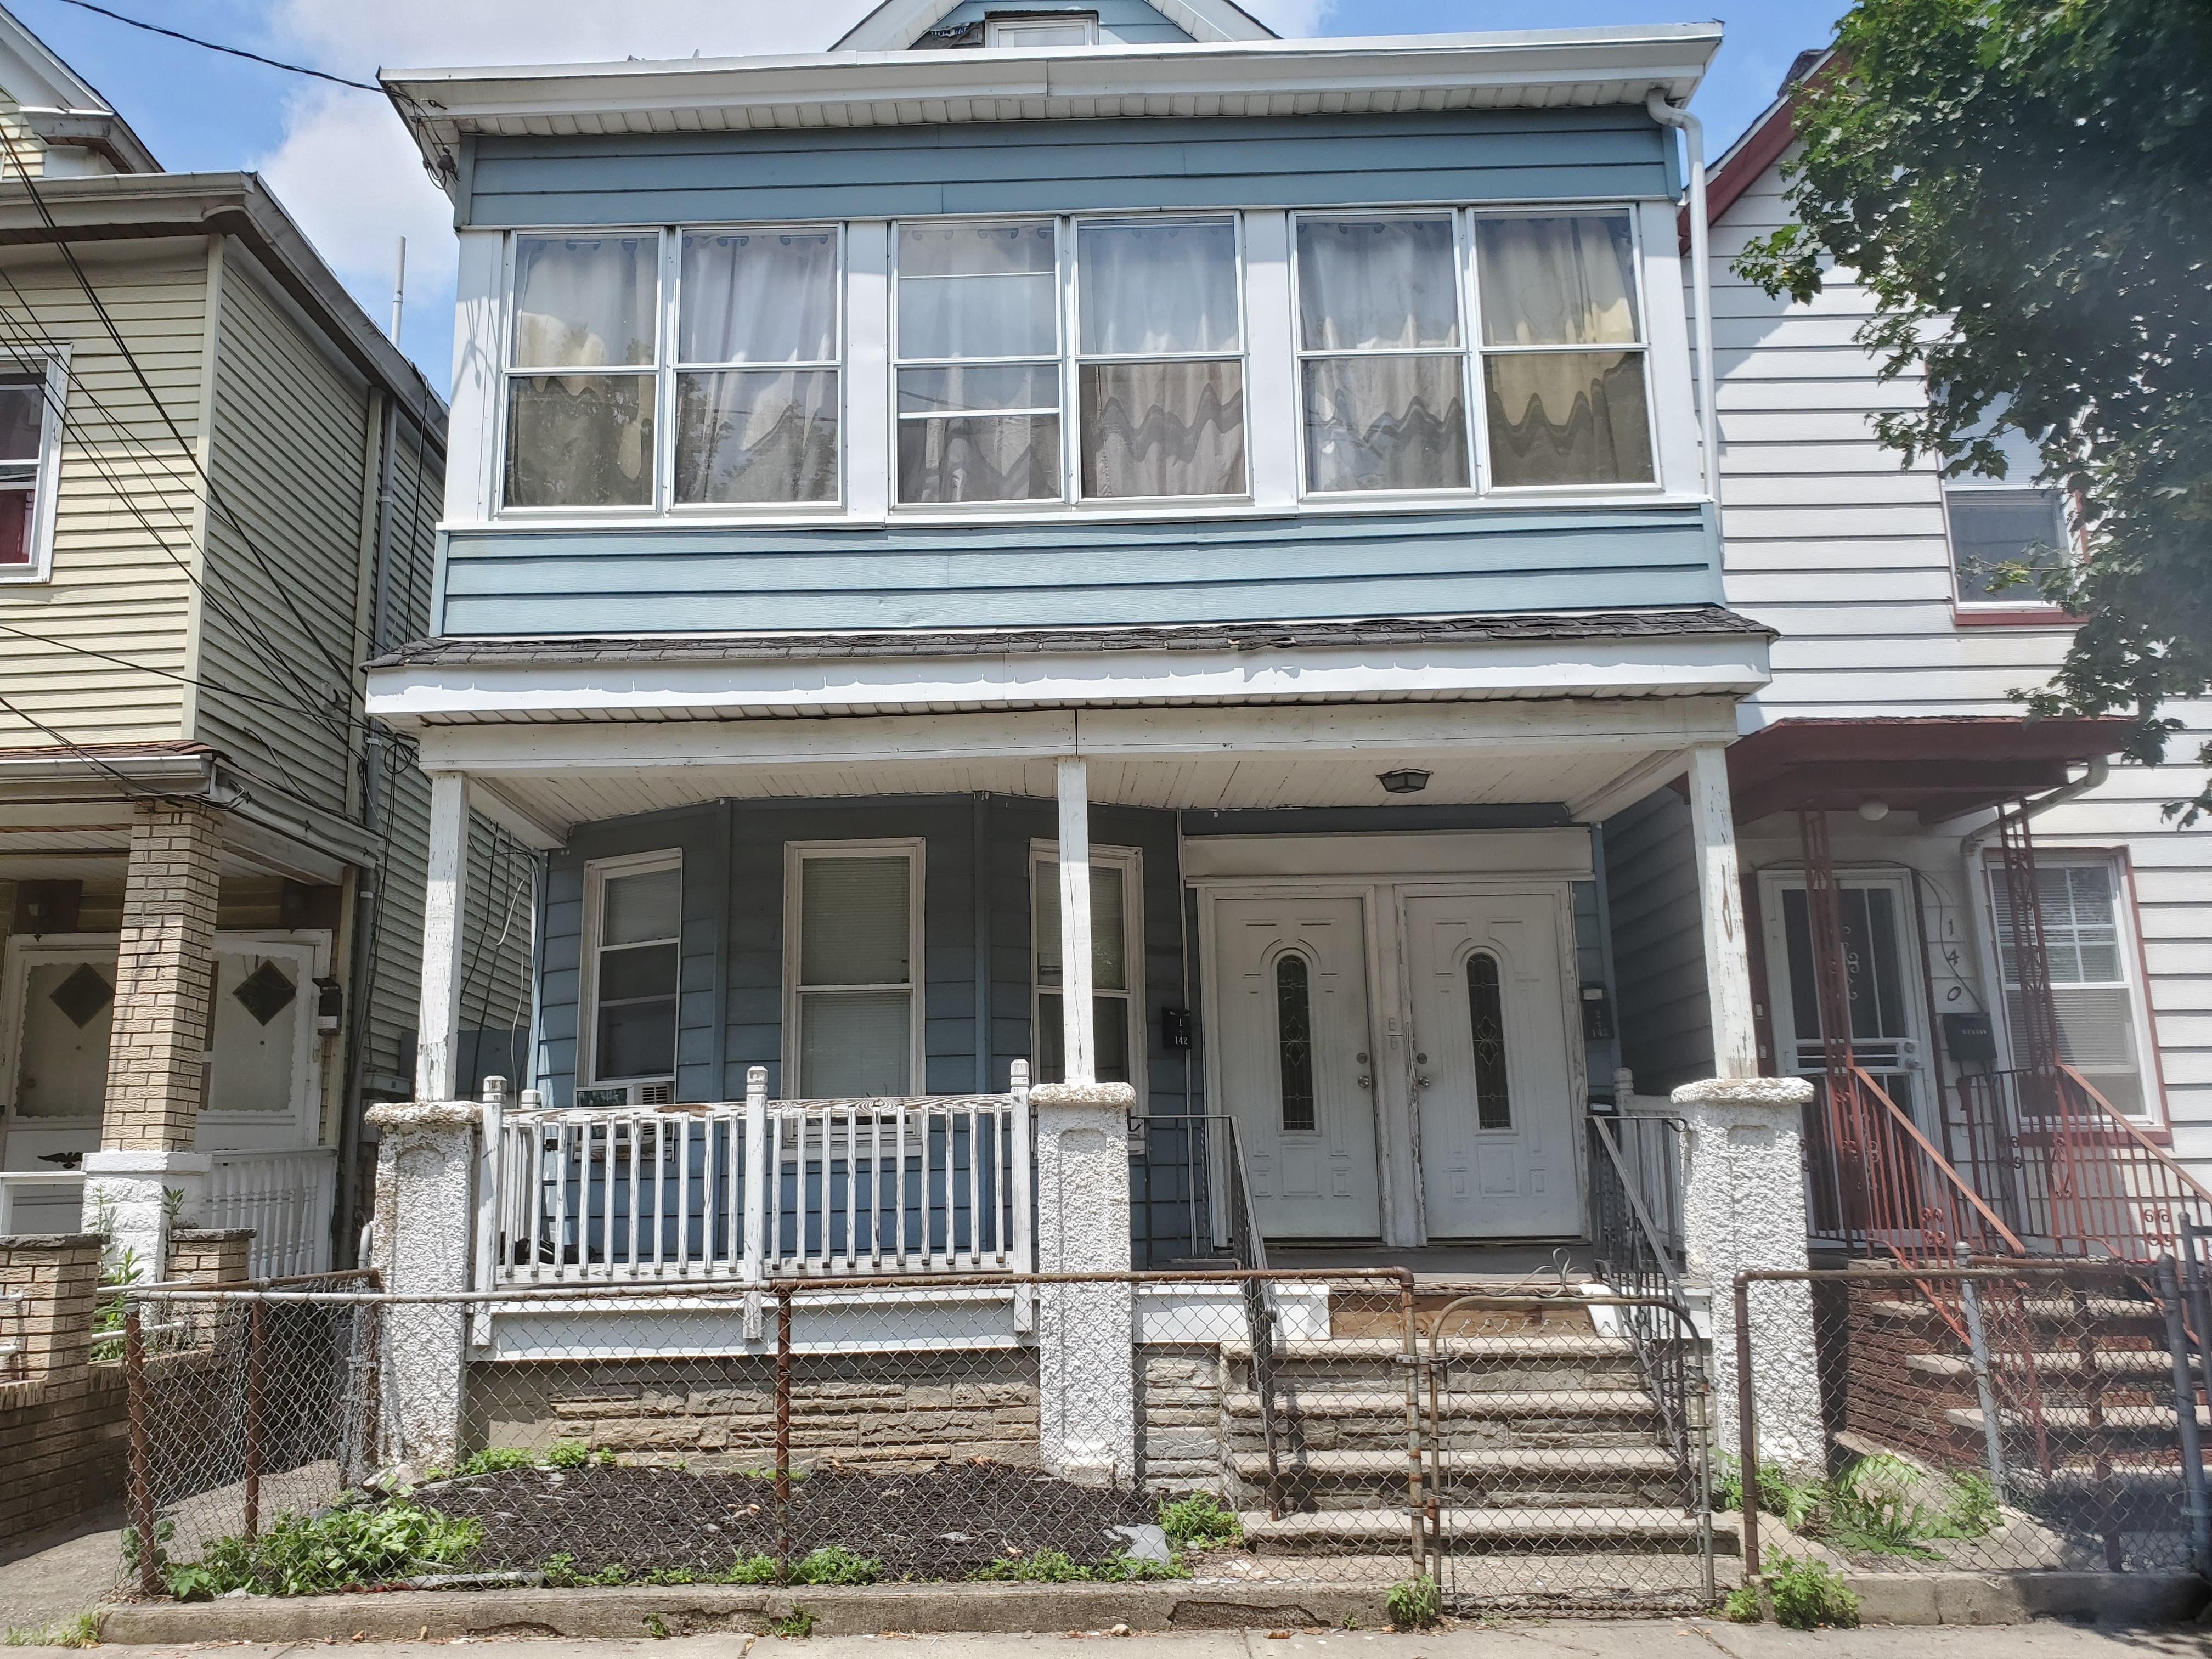 New Listing – 142 BURGESS PL. PASSAIC, NJ 07055 $339,000